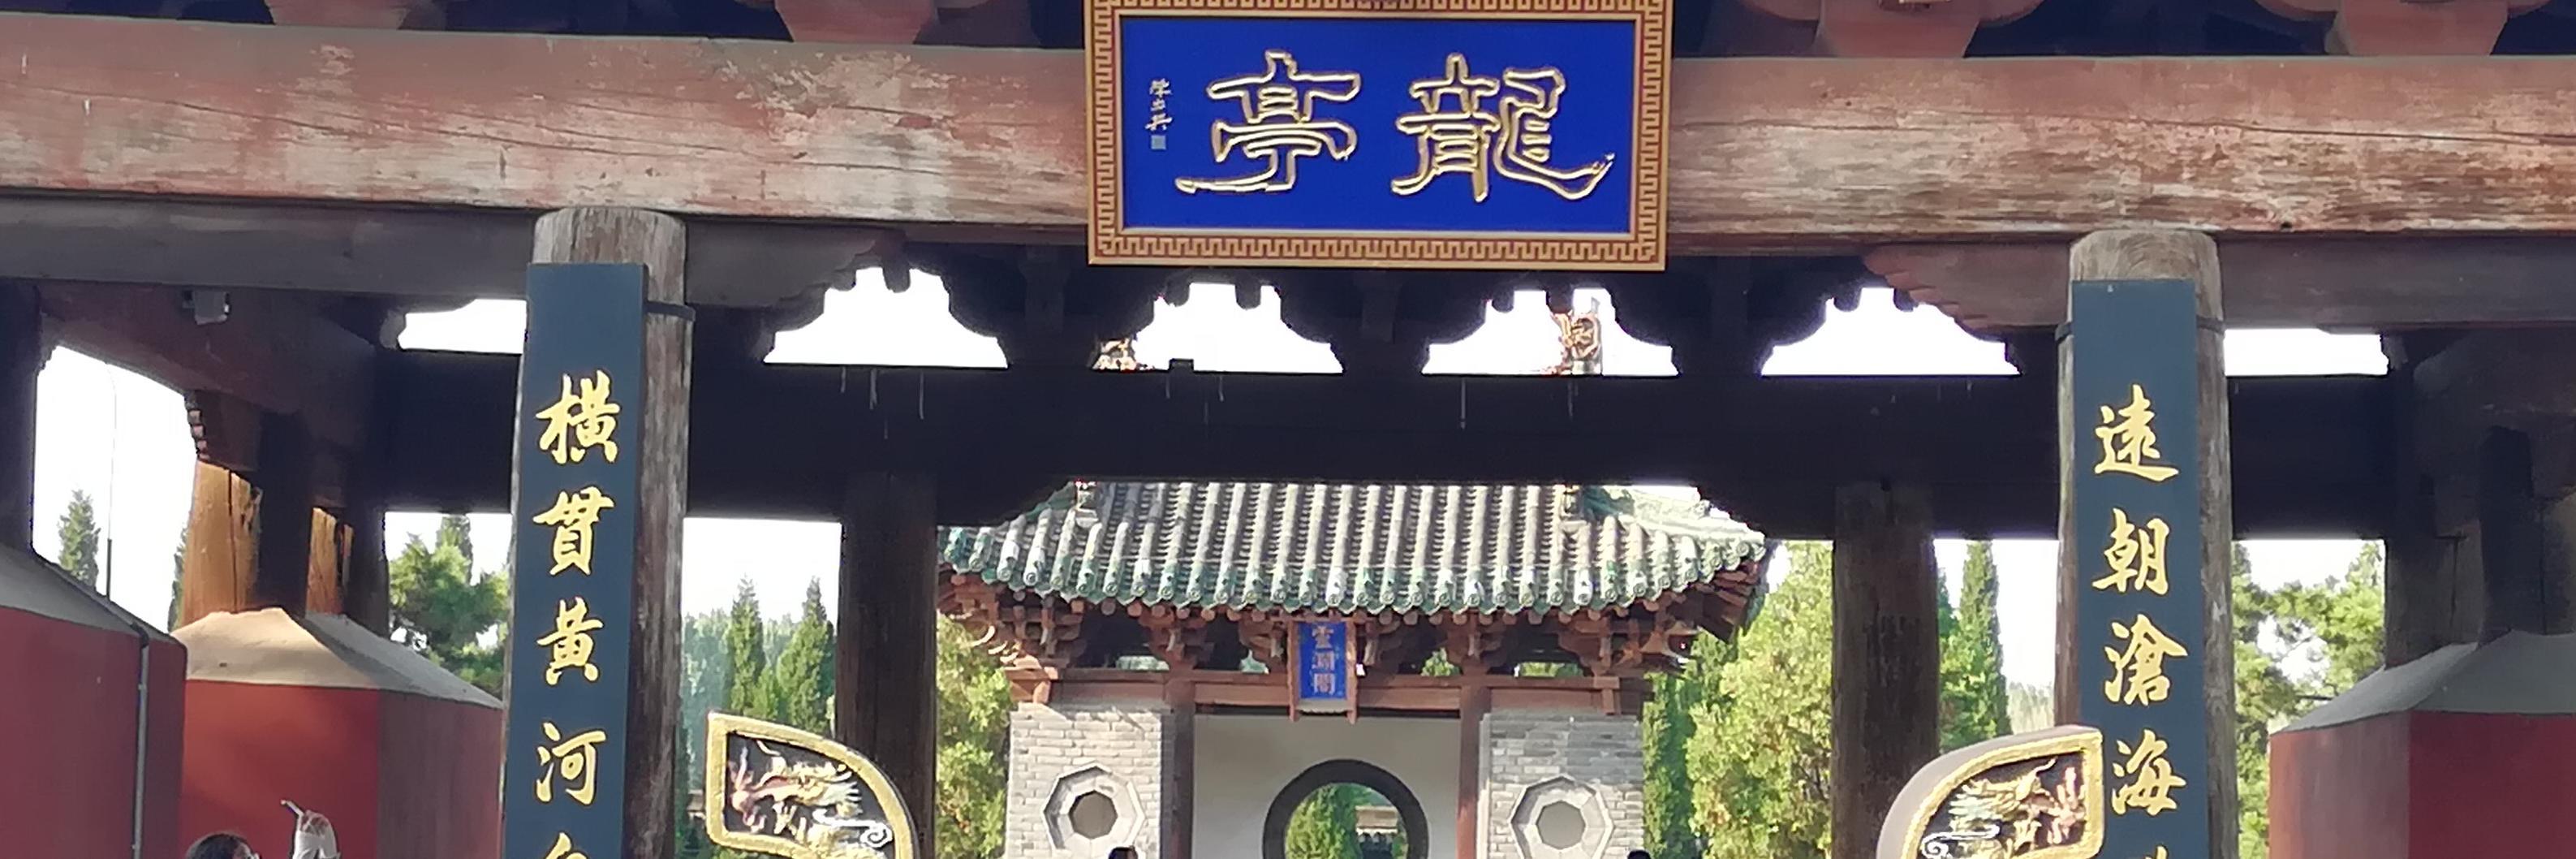 【途观大队】2019自驾游-----济水之源(七)